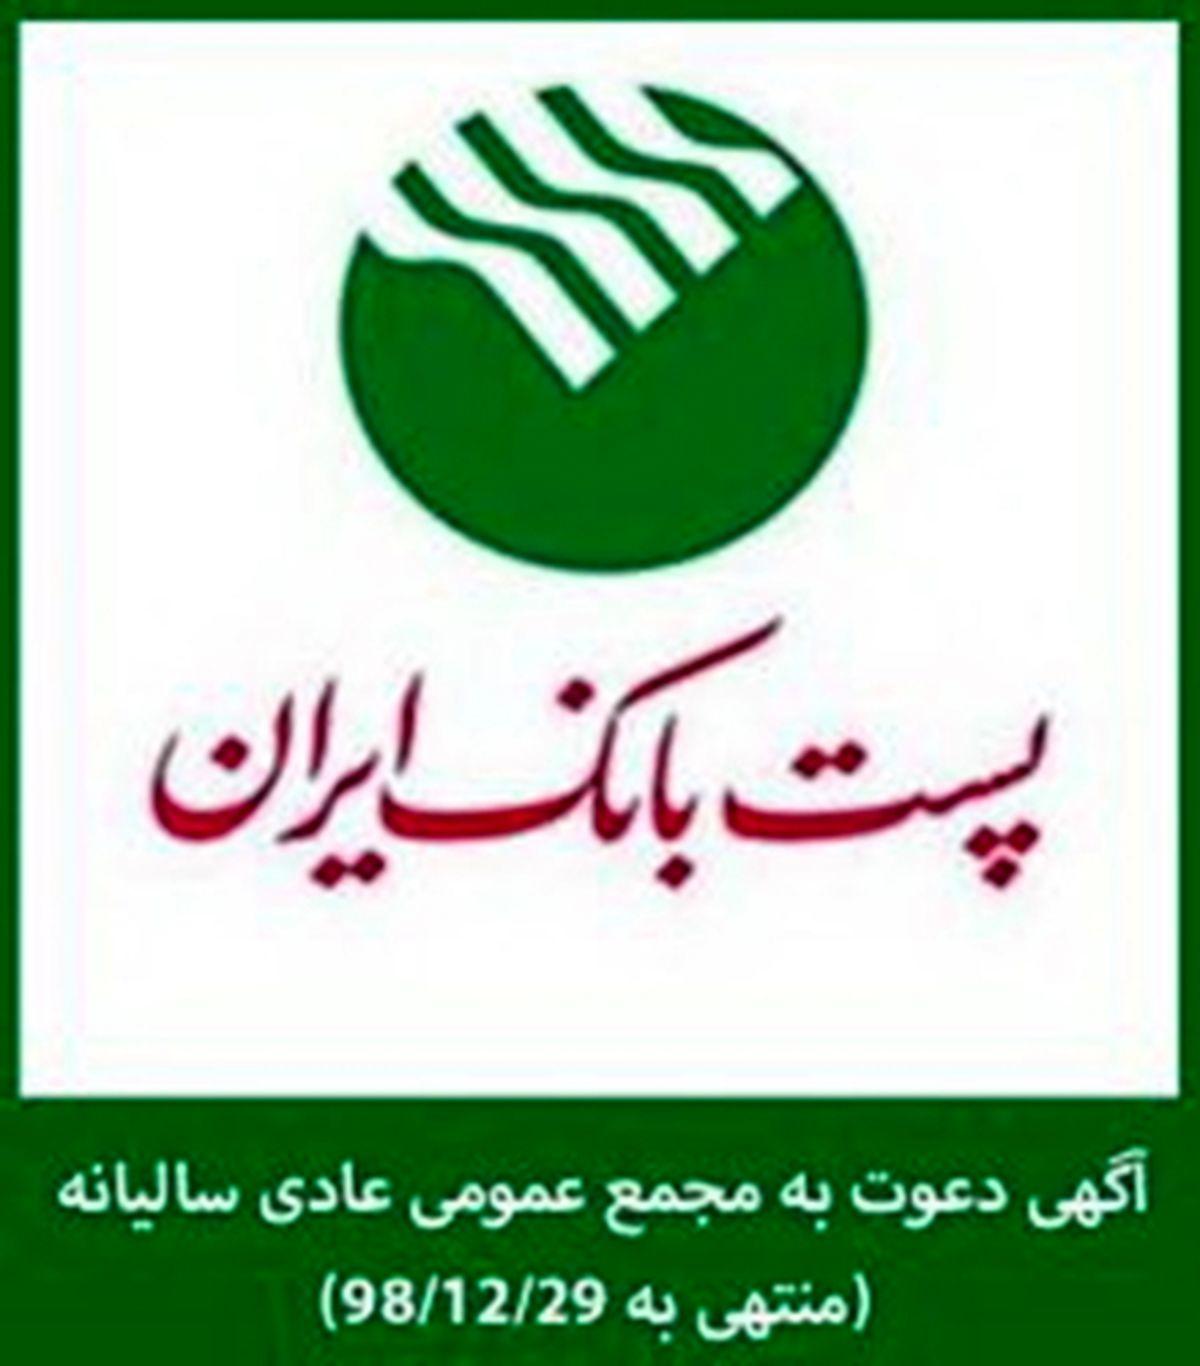 مجمع عمومی عادی سالیانه پست بانک ایران 31خرداد سال جاری برگزار میشود